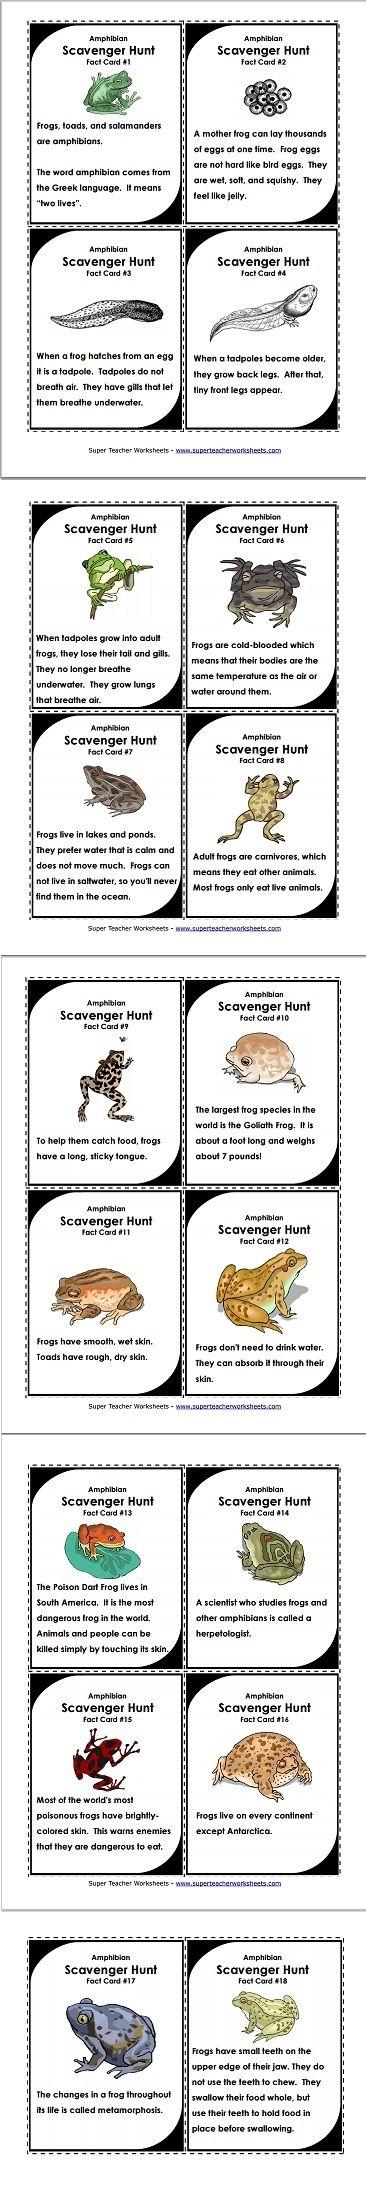 scavenger hunts frogs and hunt 39 s on pinterest. Black Bedroom Furniture Sets. Home Design Ideas